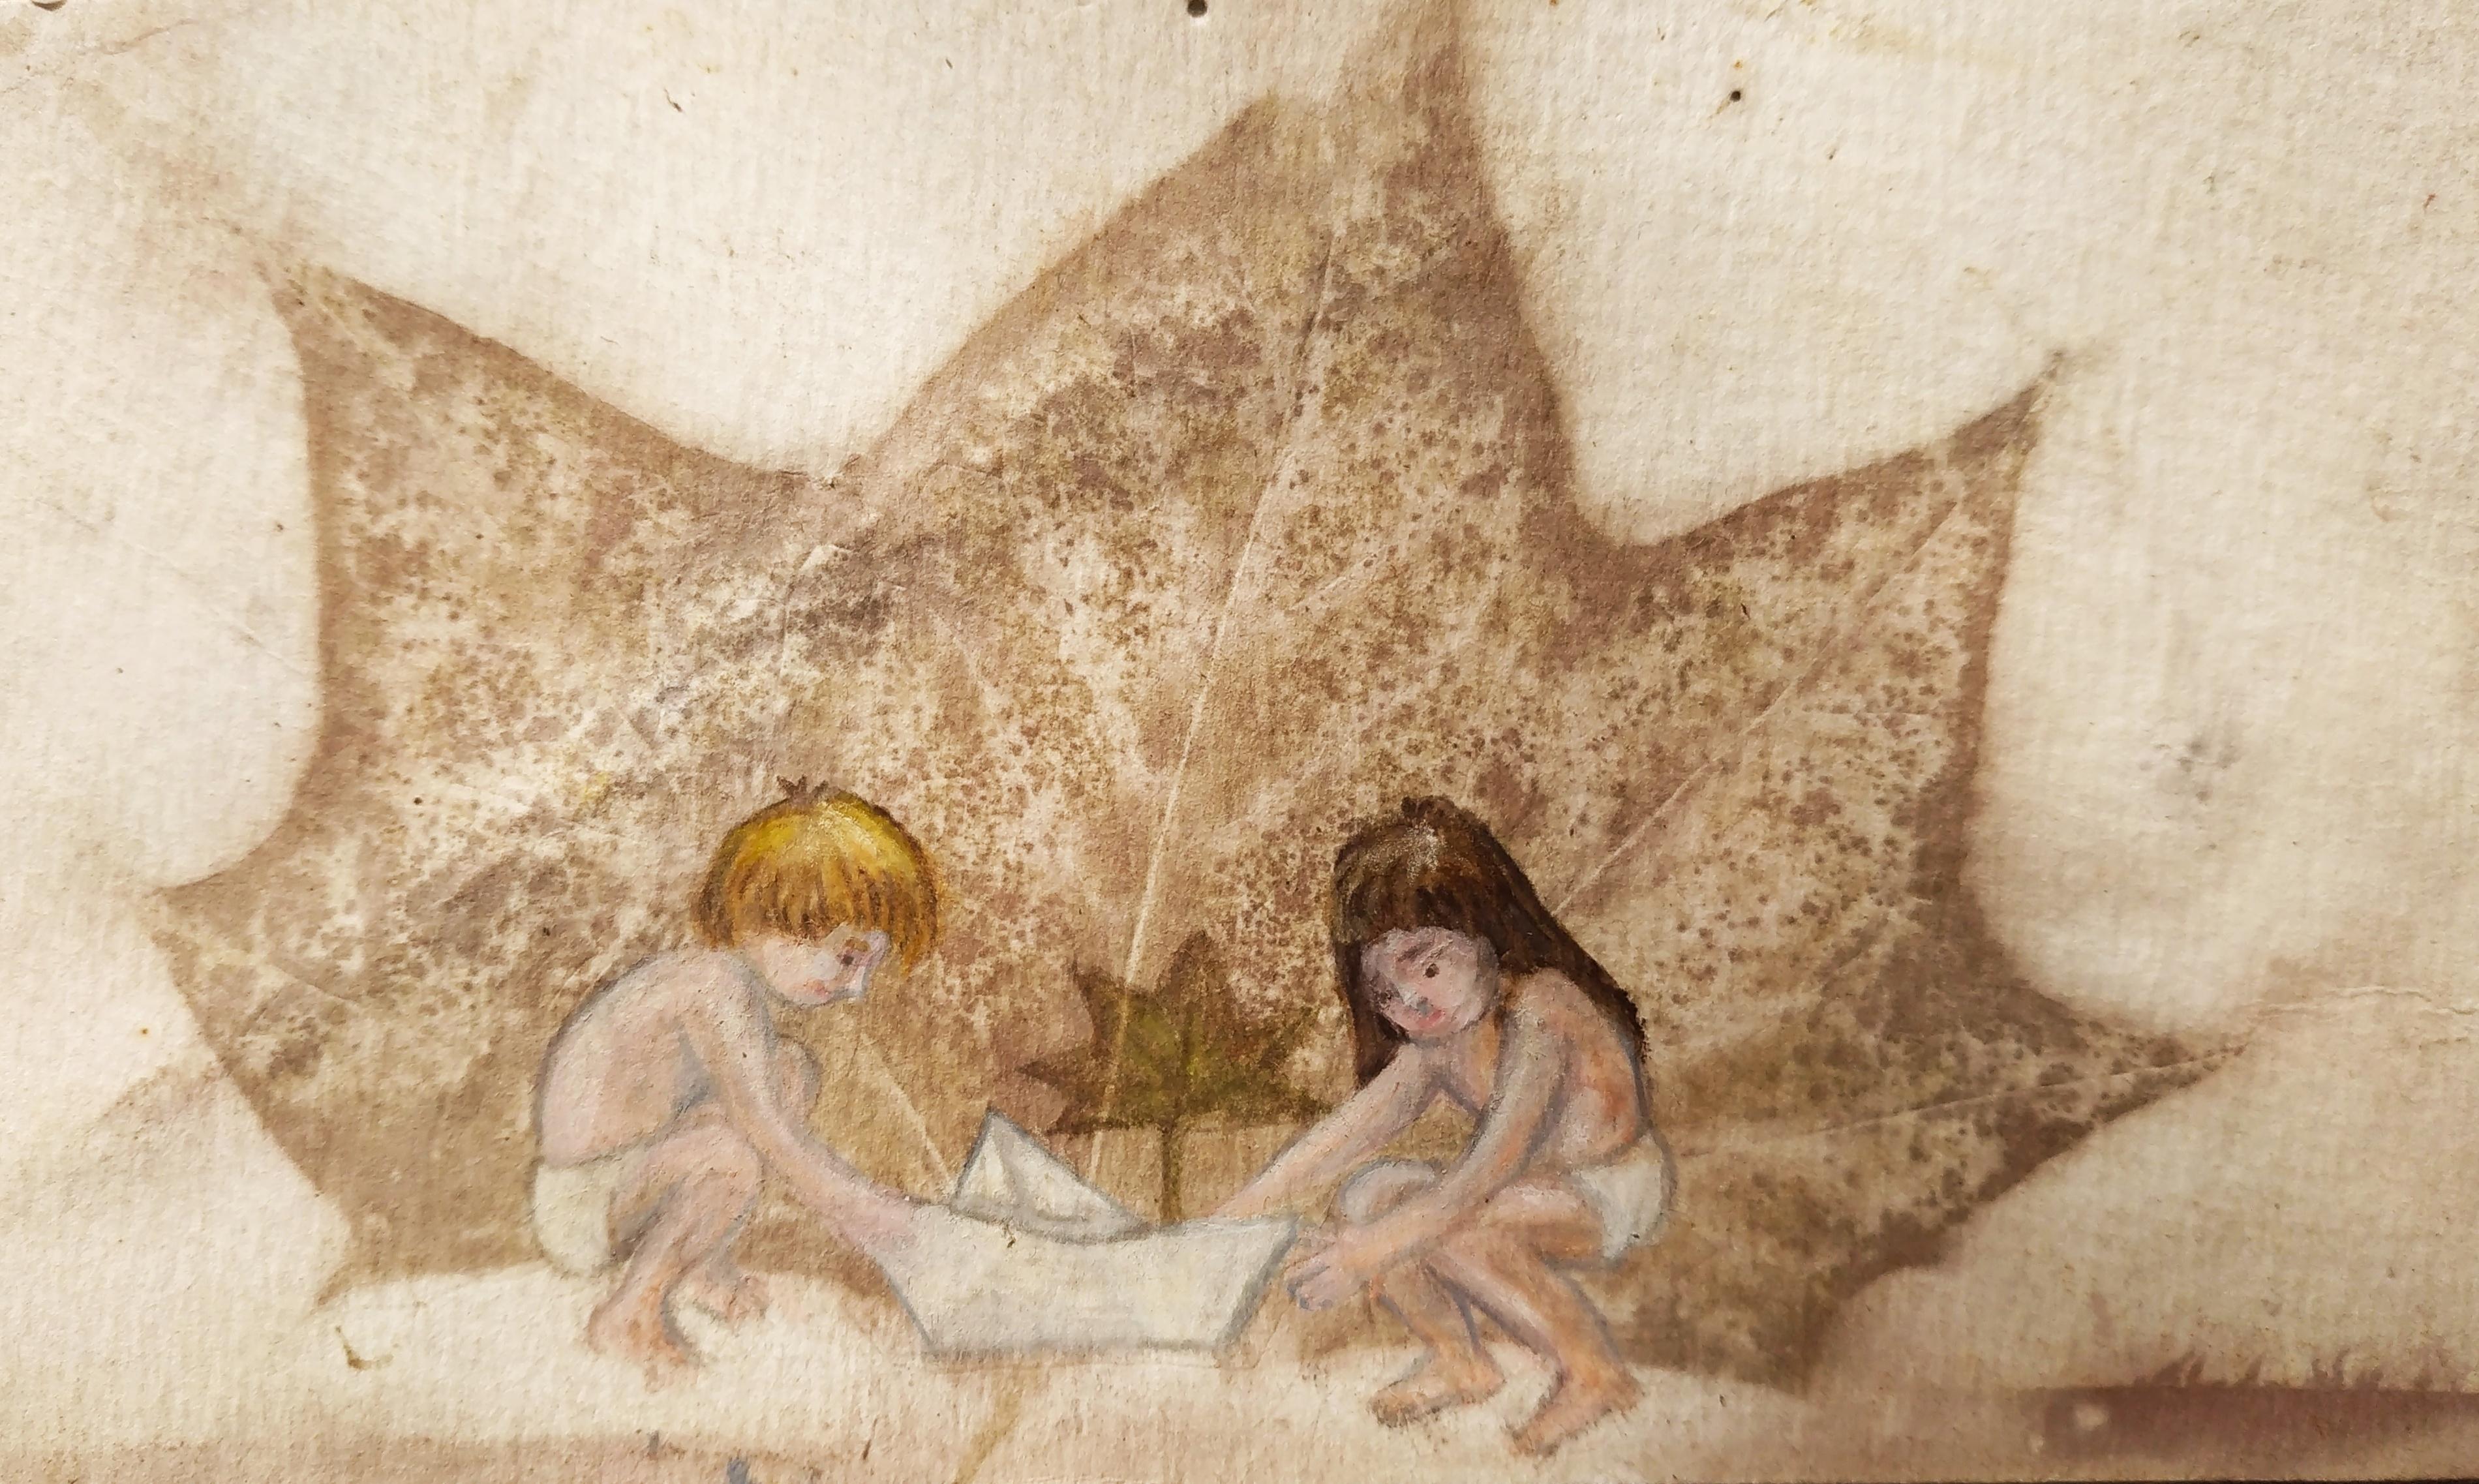 הדפס בוטאני וציור בצבעי עפרון